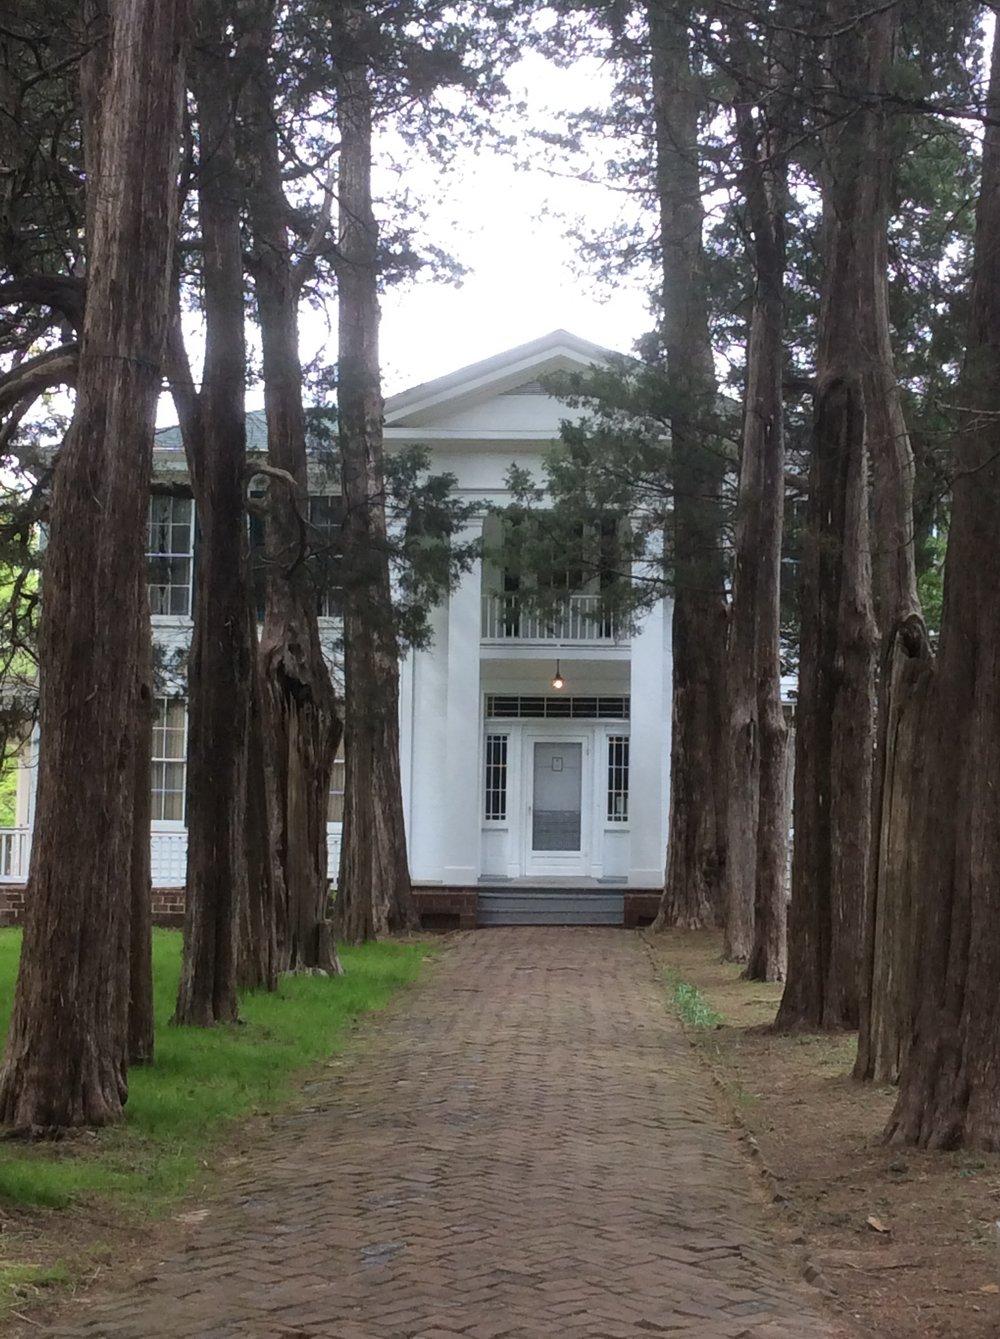 William Faulkner's Rowan Oaks